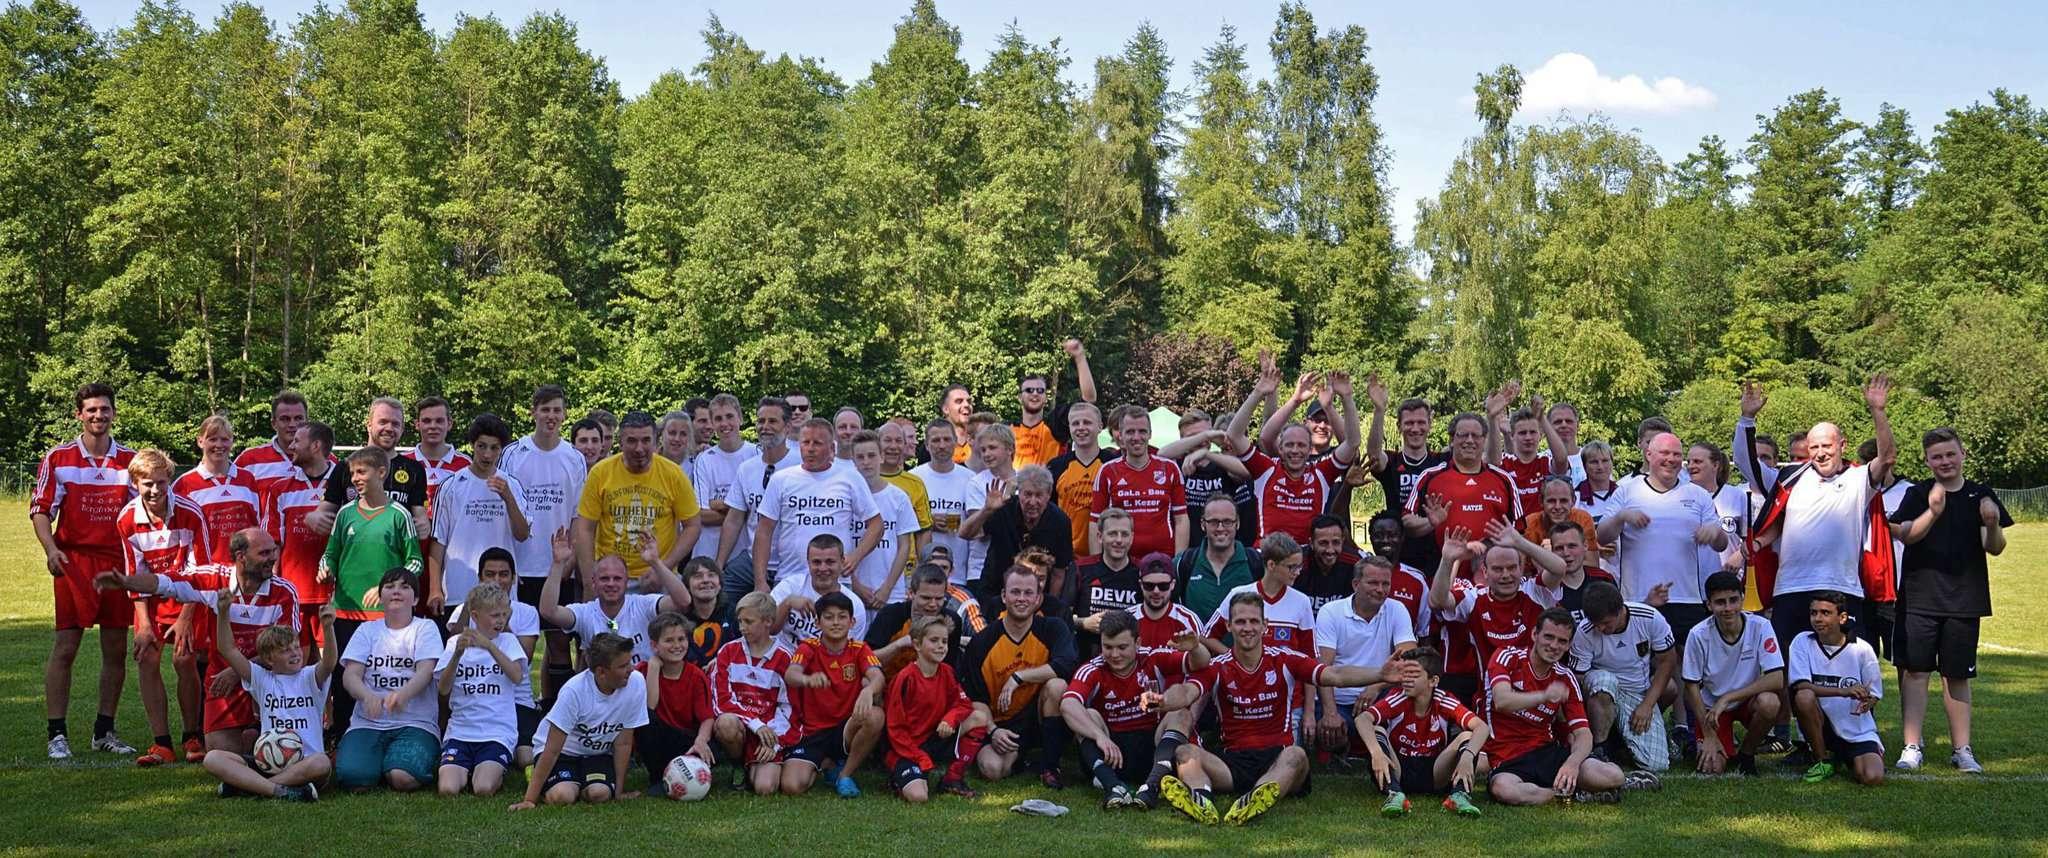 Groß und klein, jung und alt, jeder kann dabei sein: Mit viel Spaß an der Sache bilden die Finteler seit dem ersten Turnier im Jahr 2016 Straßenmannschaften, die gegeneinander um den Pokal spielen.